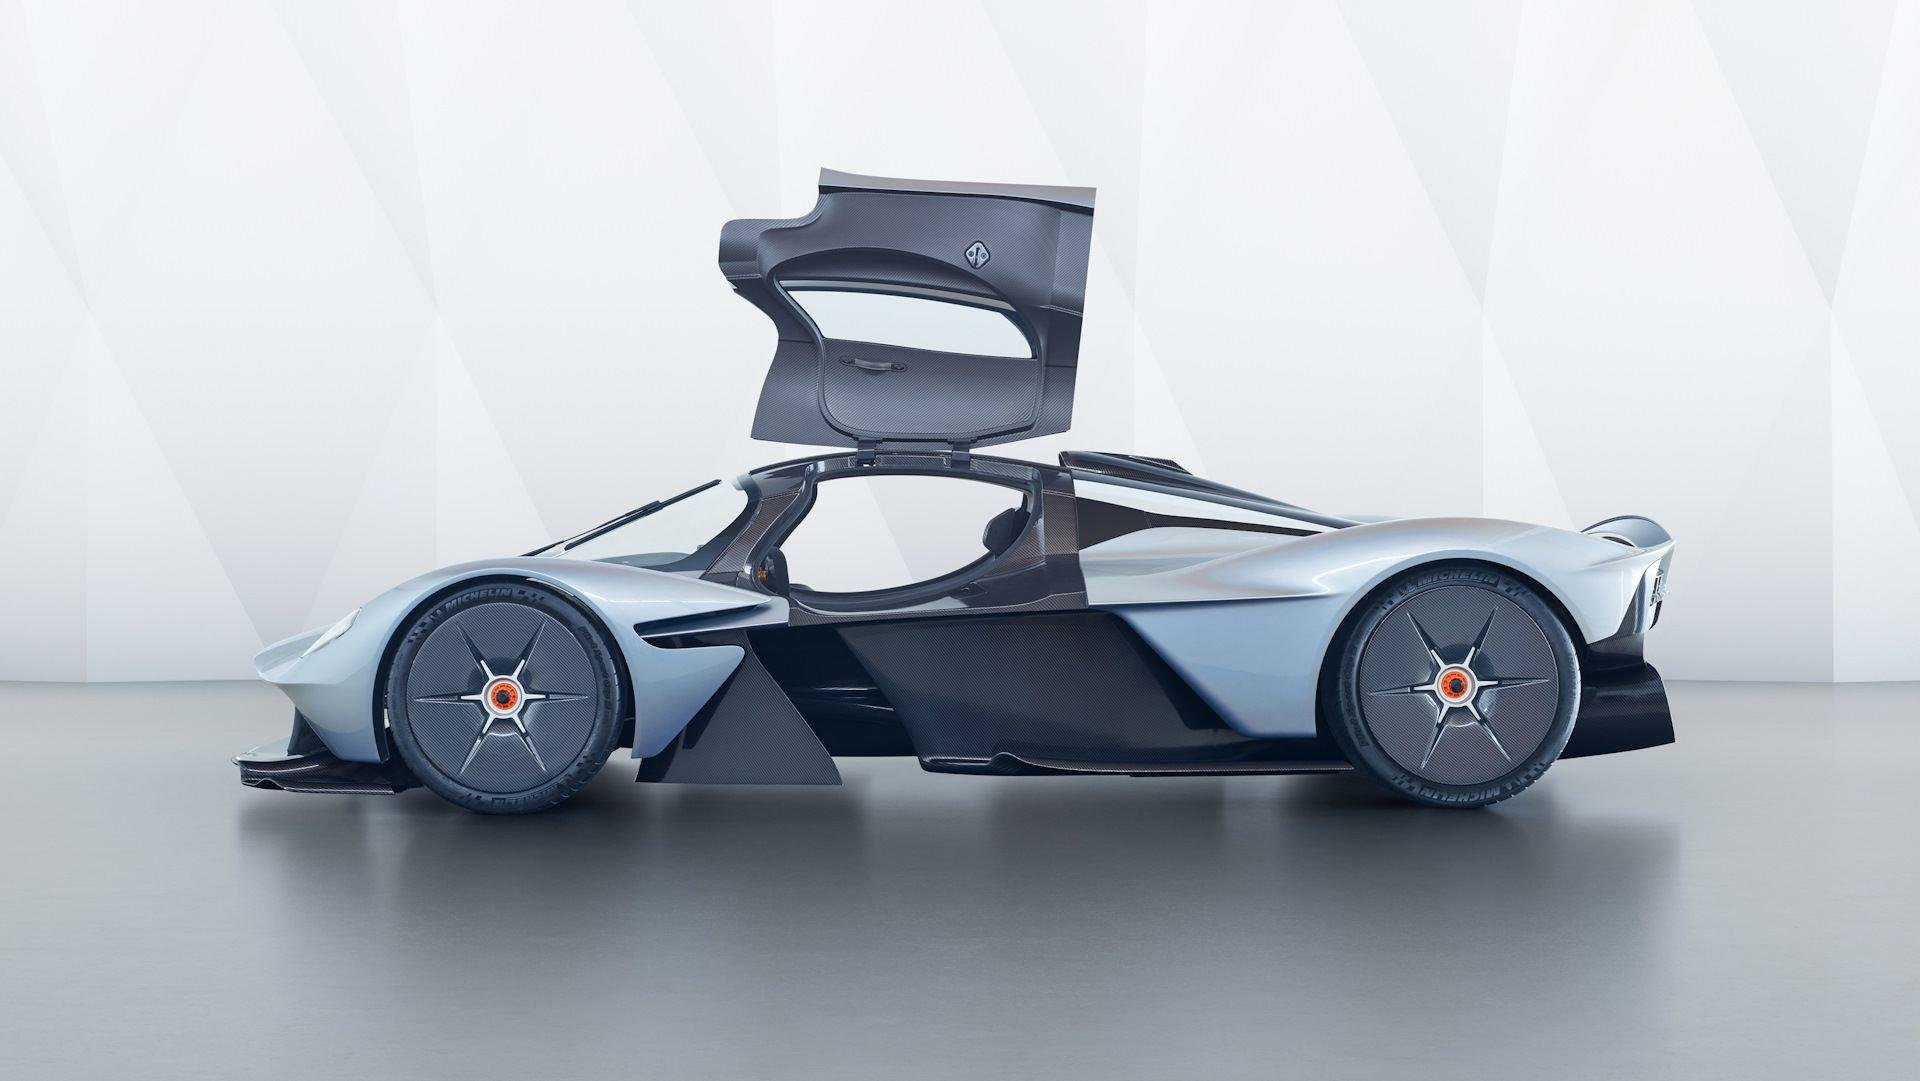 Всё дело в пыли: как сделать Aston Martin Valkyrie максимально эксклюзивным